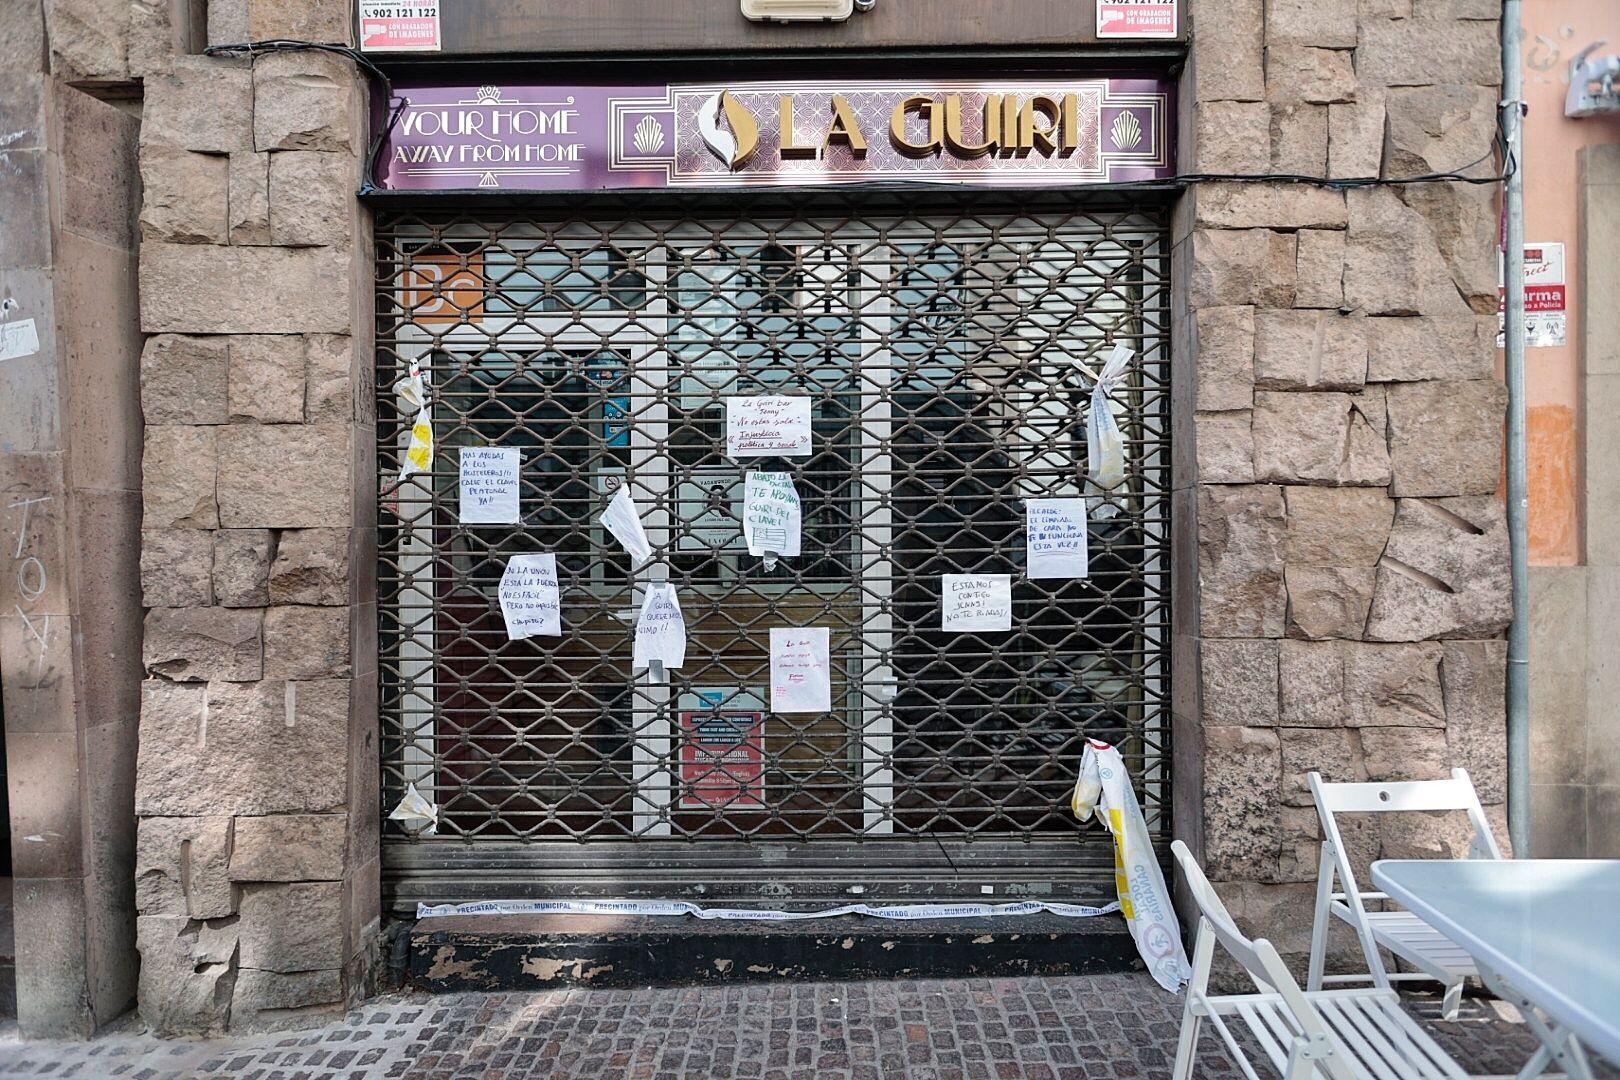 Carteles de ánimo en 'La Guiri'